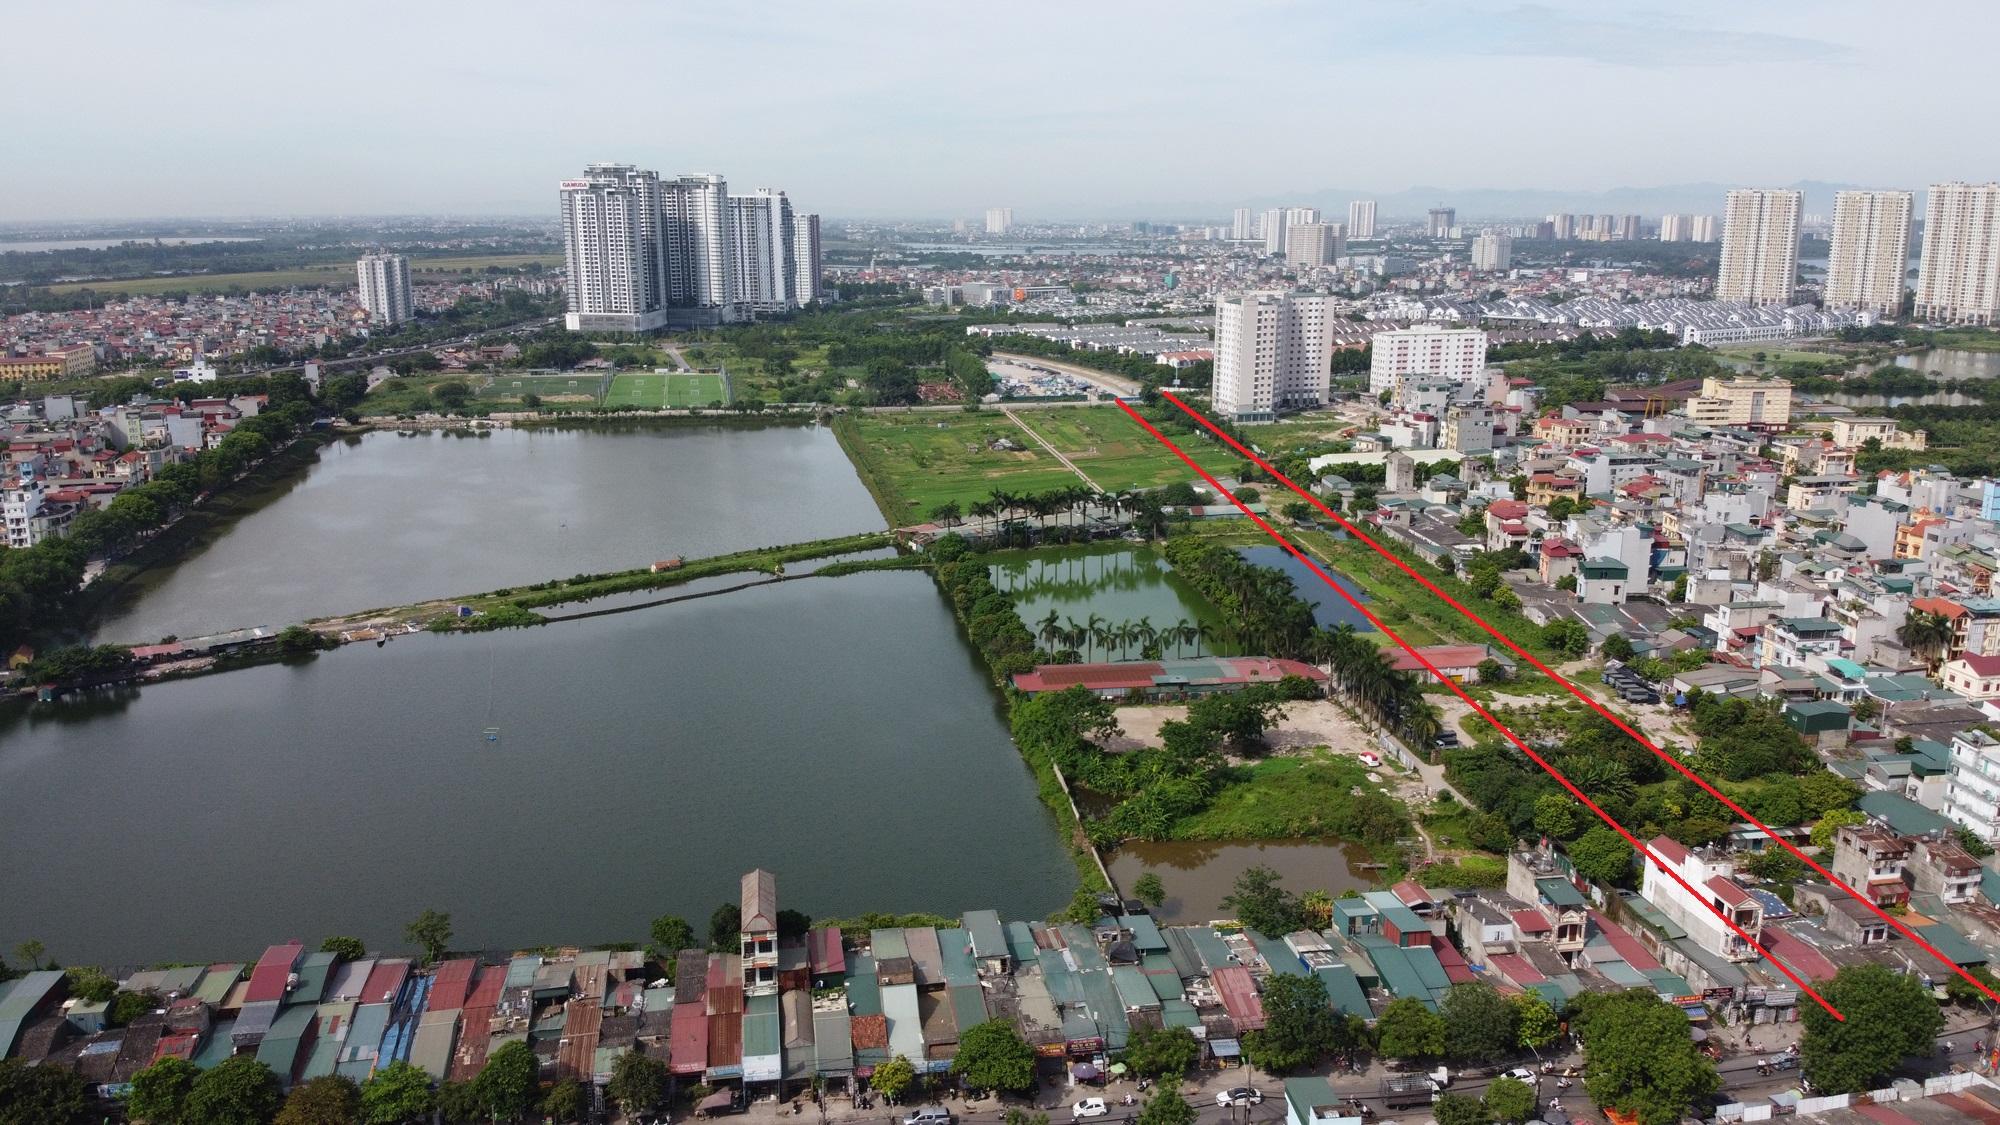 đường sẽ mở theo qui hoạch ở phường Trần Phú, Hoàng Mai, Hà Nội - Ảnh 5.